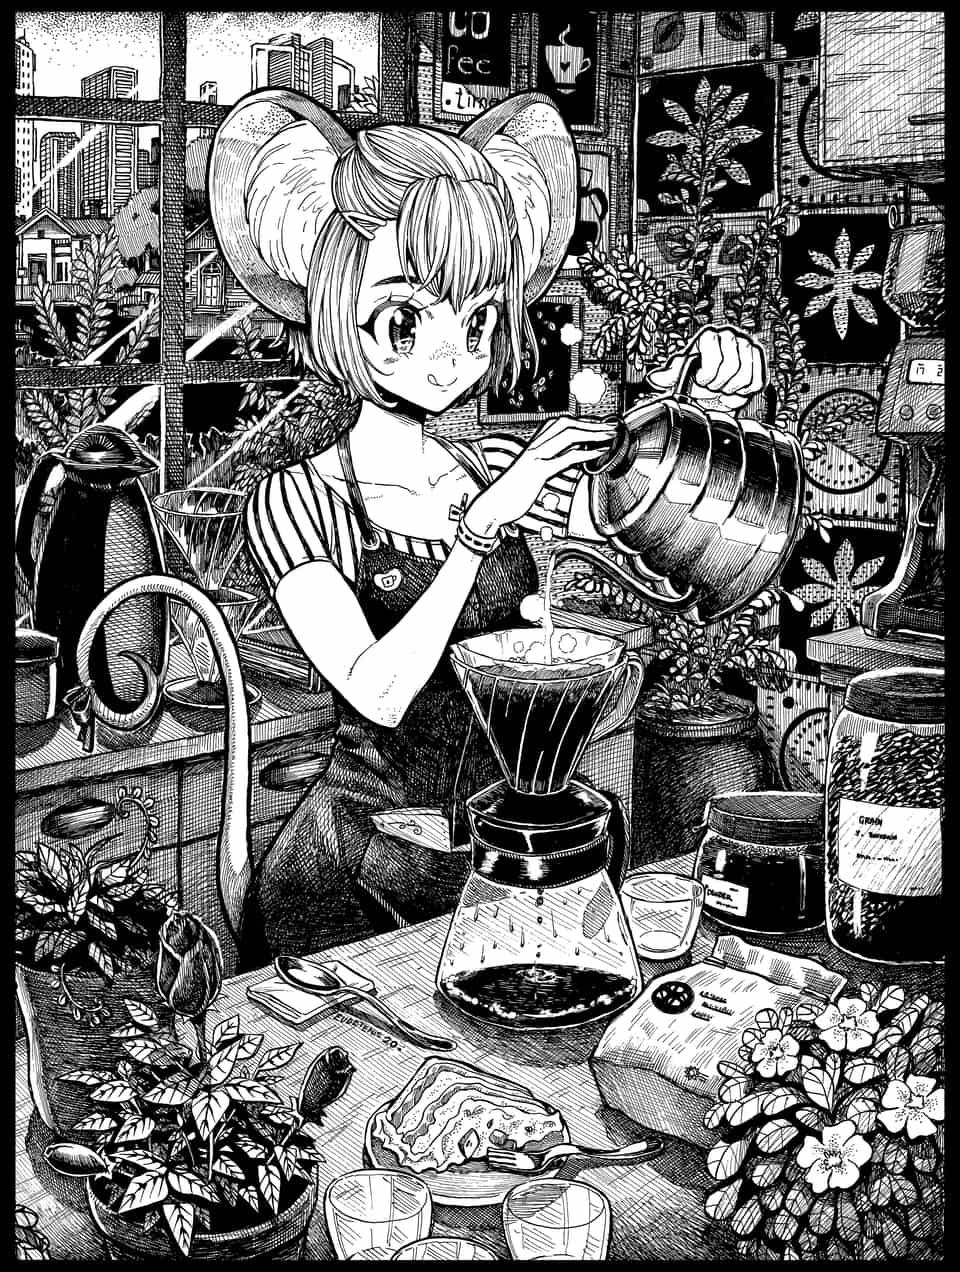 みんなのためのコーヒー Illust of EUDETENIS ARTstreet_Ranking May.2020Contest:Cheering Original_Illustration_Contest smile ねずみ コーヒー EUDETENIS